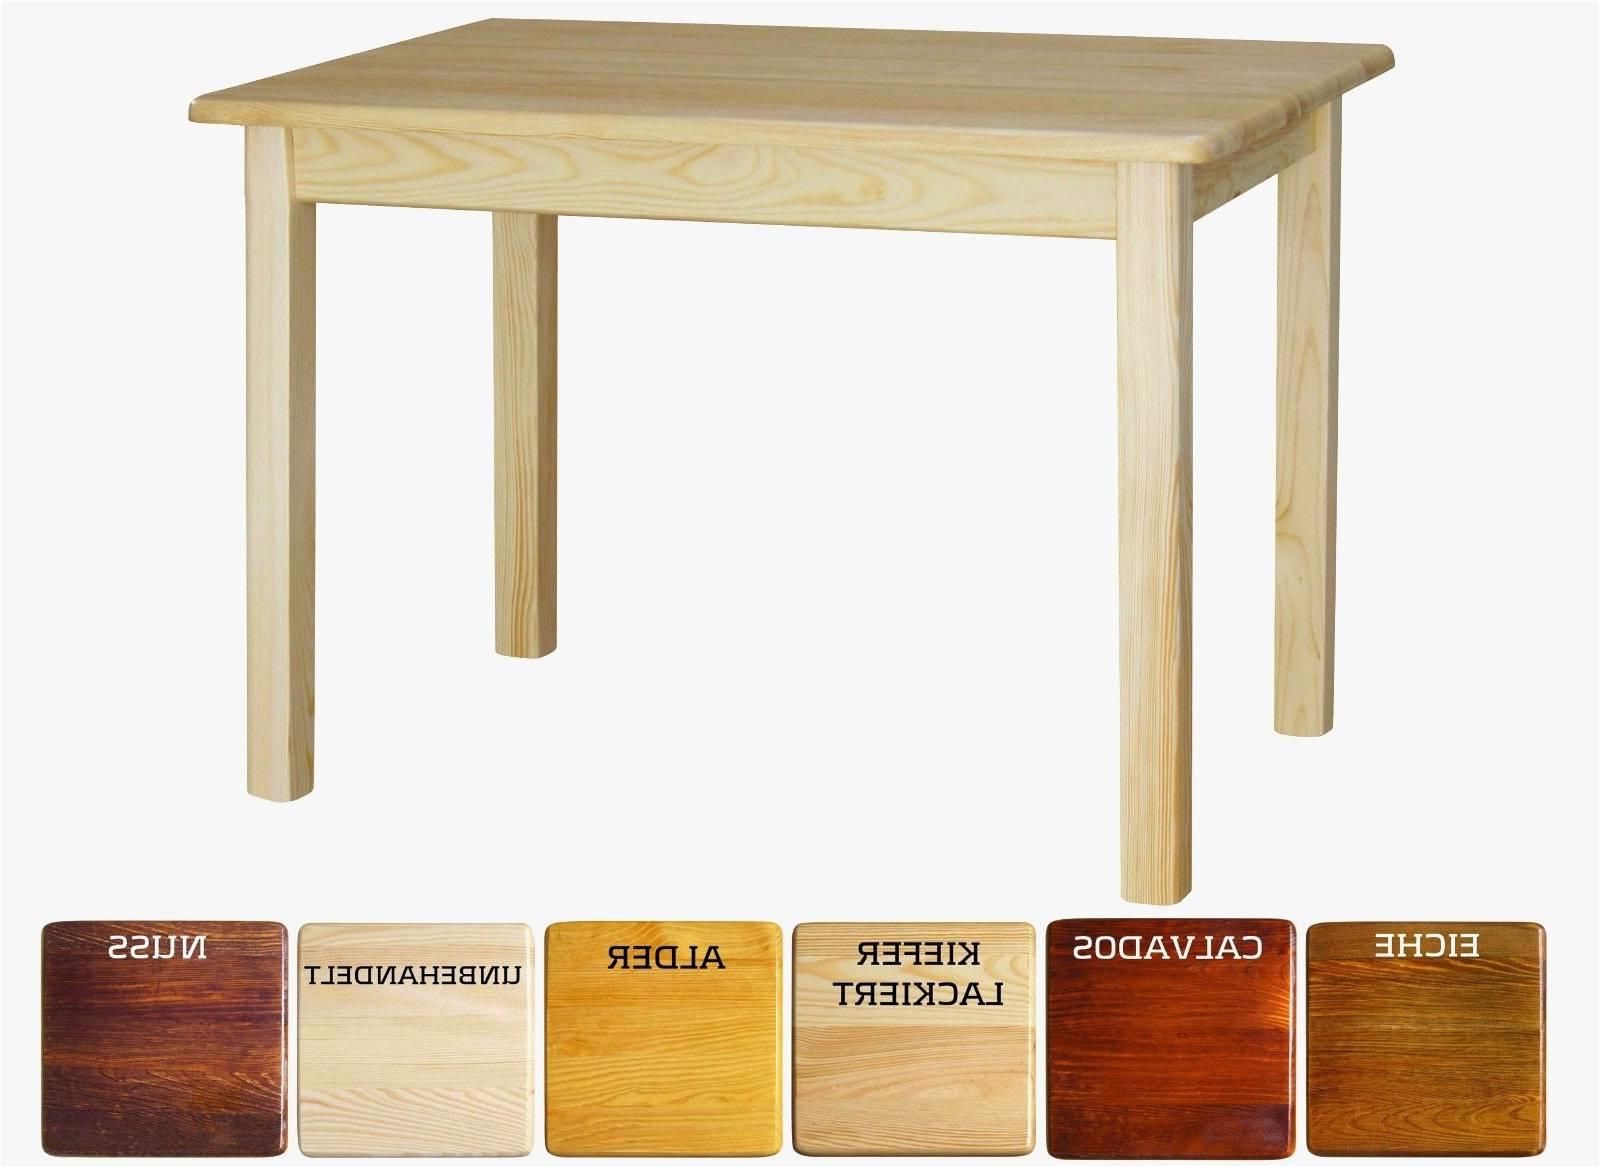 Kleiner Küchentisch Zum Ausziehen Lassen Ikea Esstisch Ausziehbar Weiß